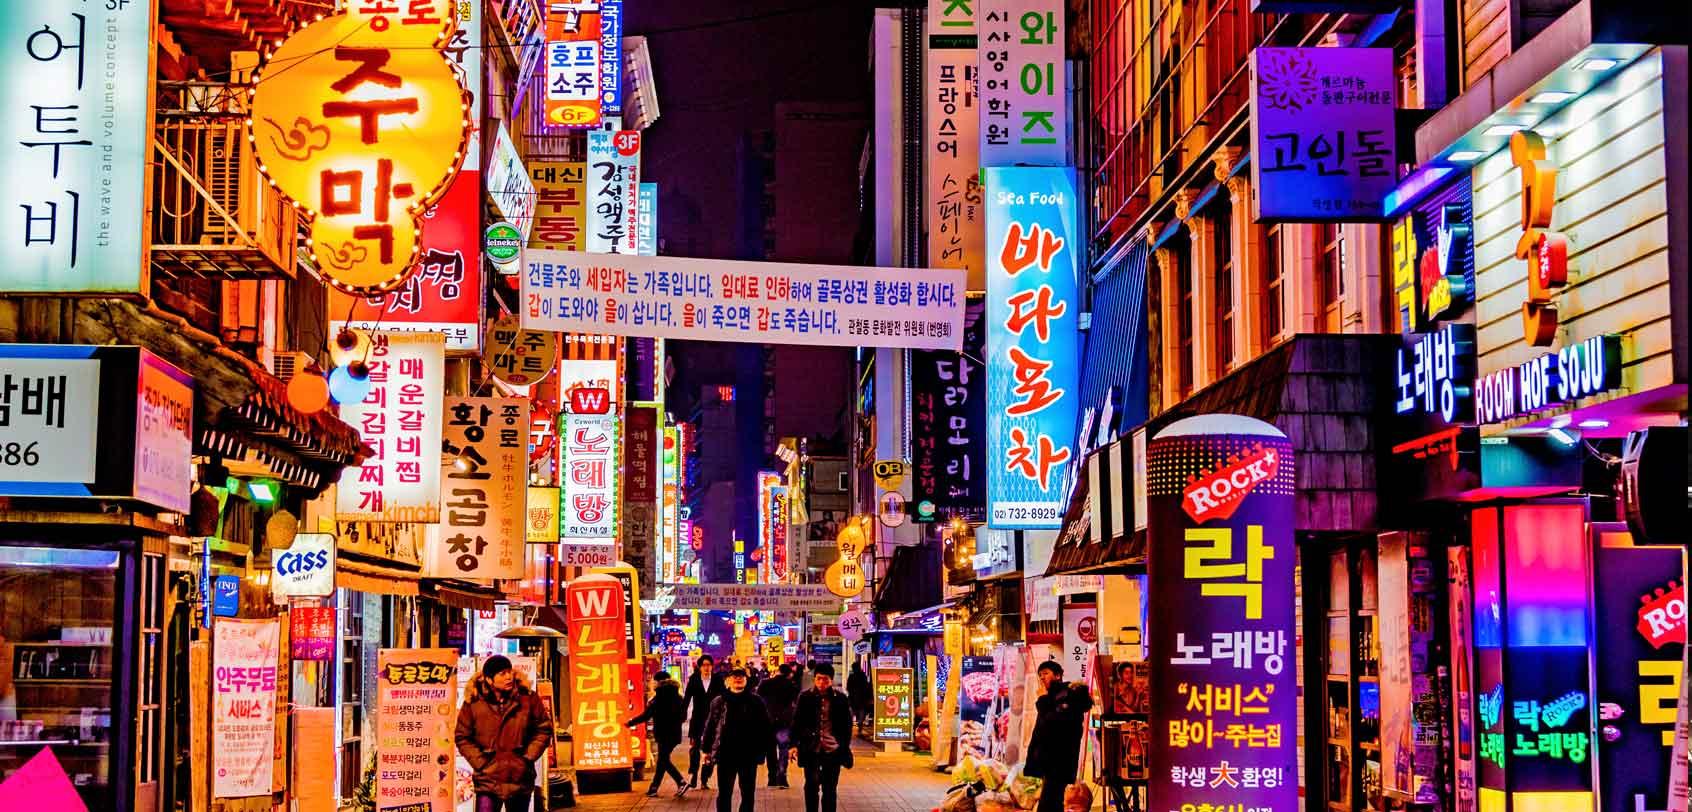 畢業旅行地點推薦:韓國首爾,圖片取自iamaileen.com。